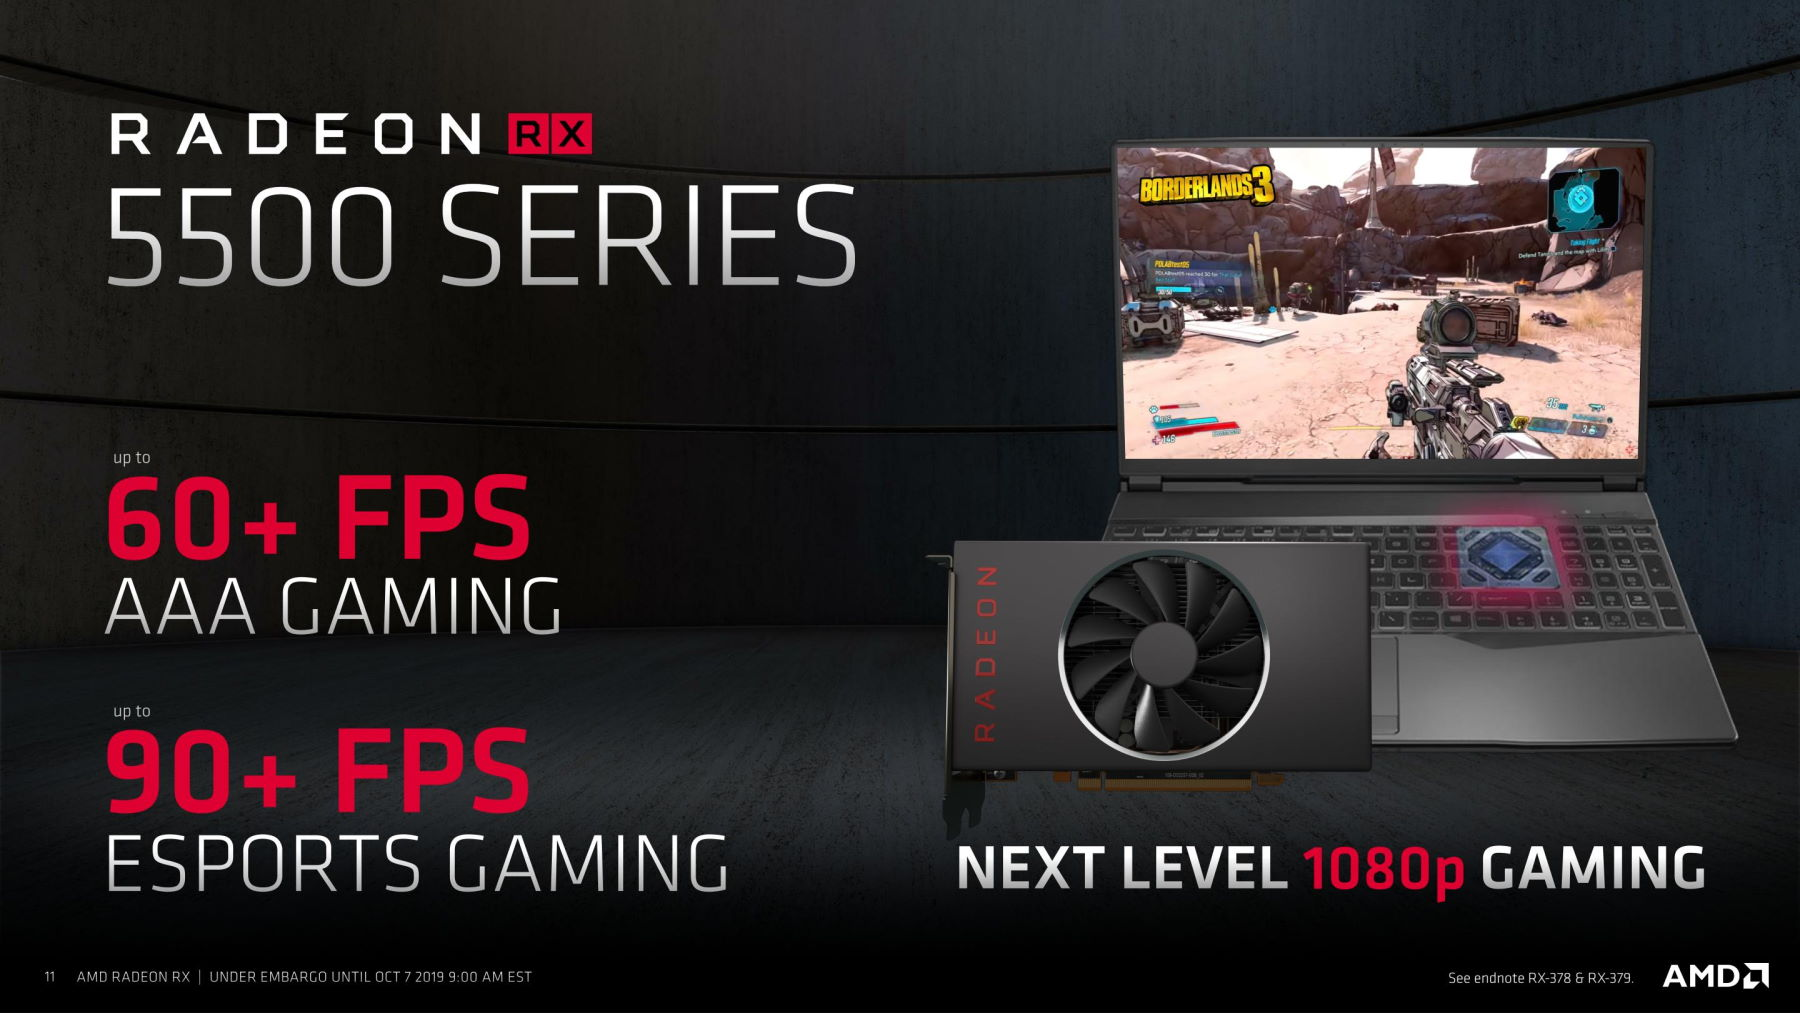 AMD lance la Radeon RX 5500 : une puce graphique puissante et économe en énergie